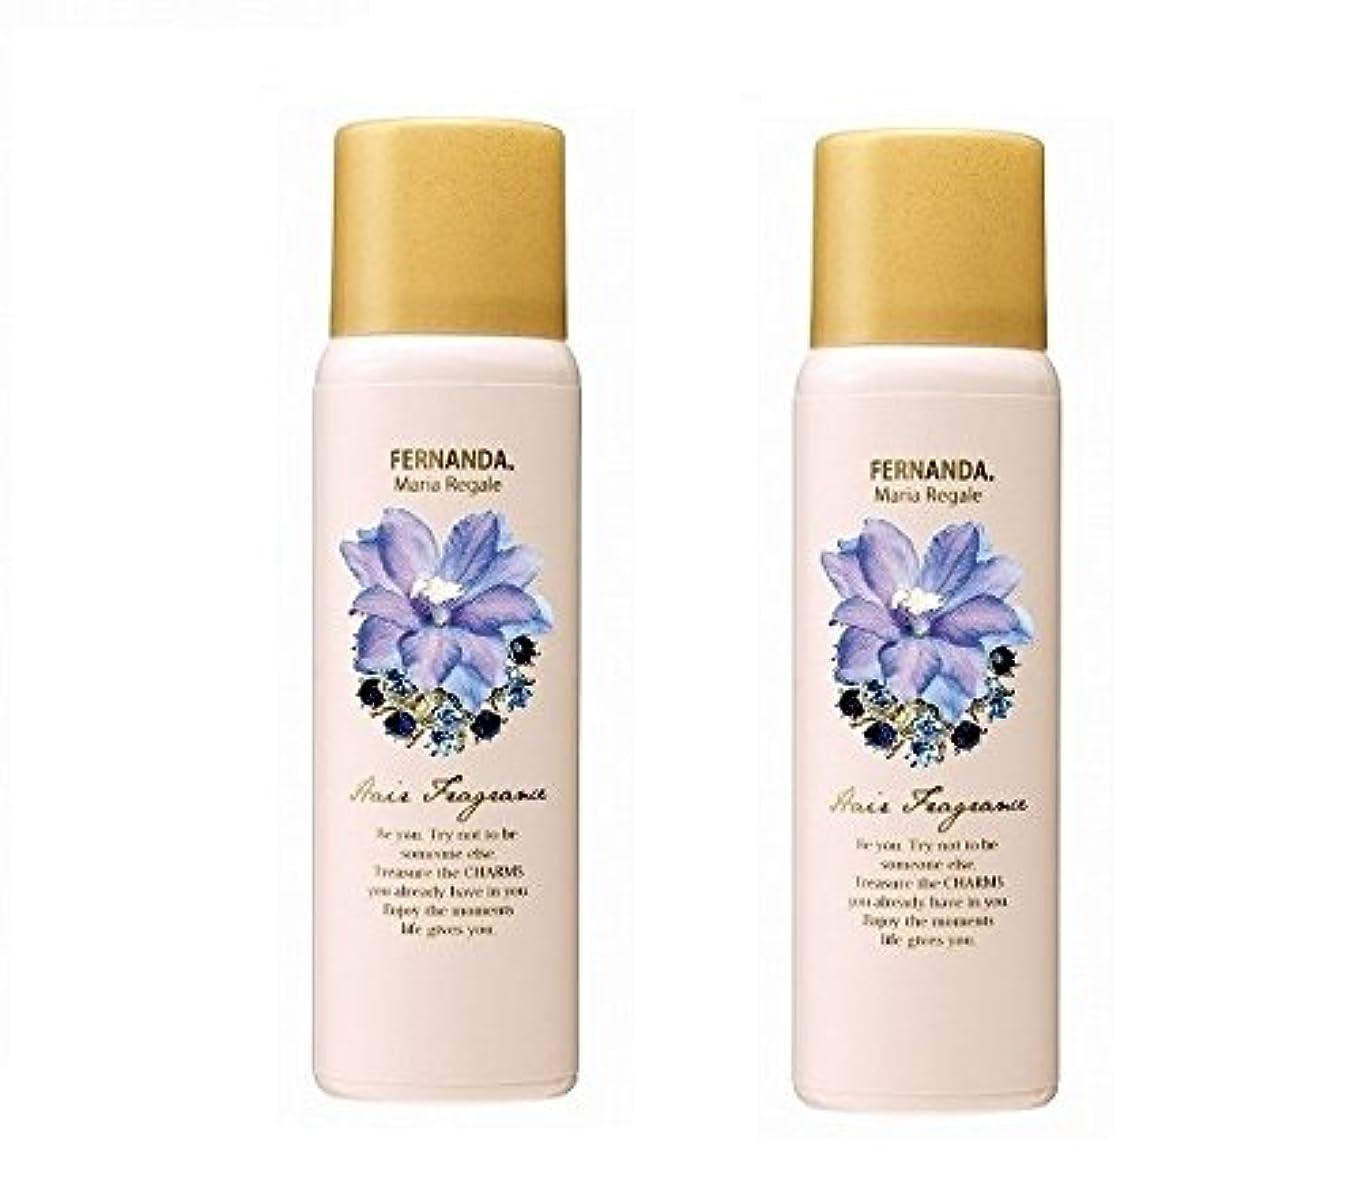 ハブブセールミシン目FERNANDA(フェルナンダ) Hair Fragrance Maria Regale (ヘアー フレグランス マリアリゲル)×2個セット